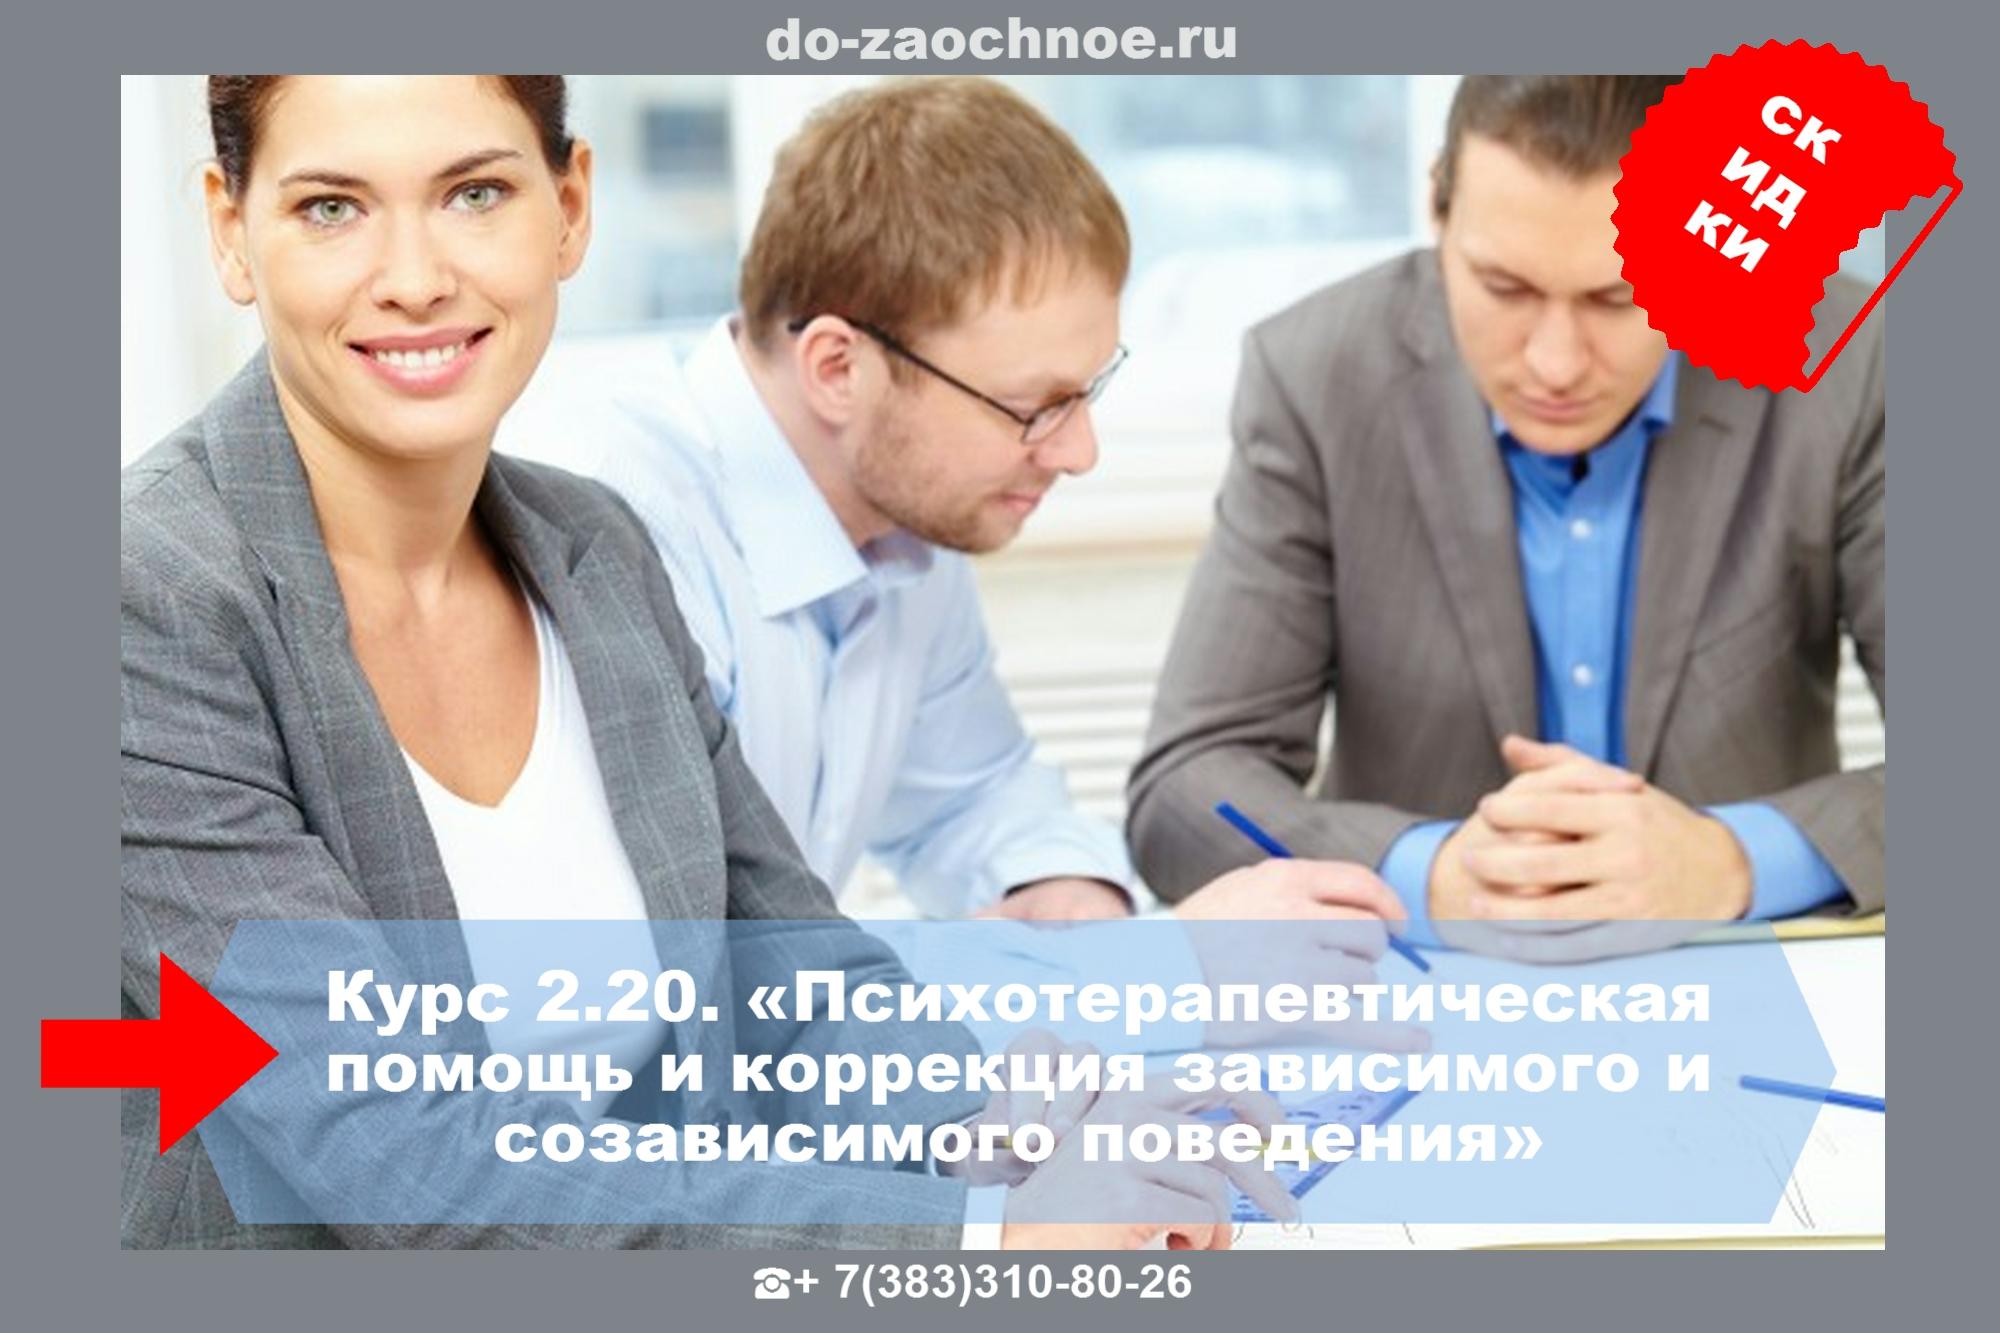 ИДПК дистанционные курсы Психология инженерной деятельности и эргономика на do-zaochnoe.ru ТУТ!